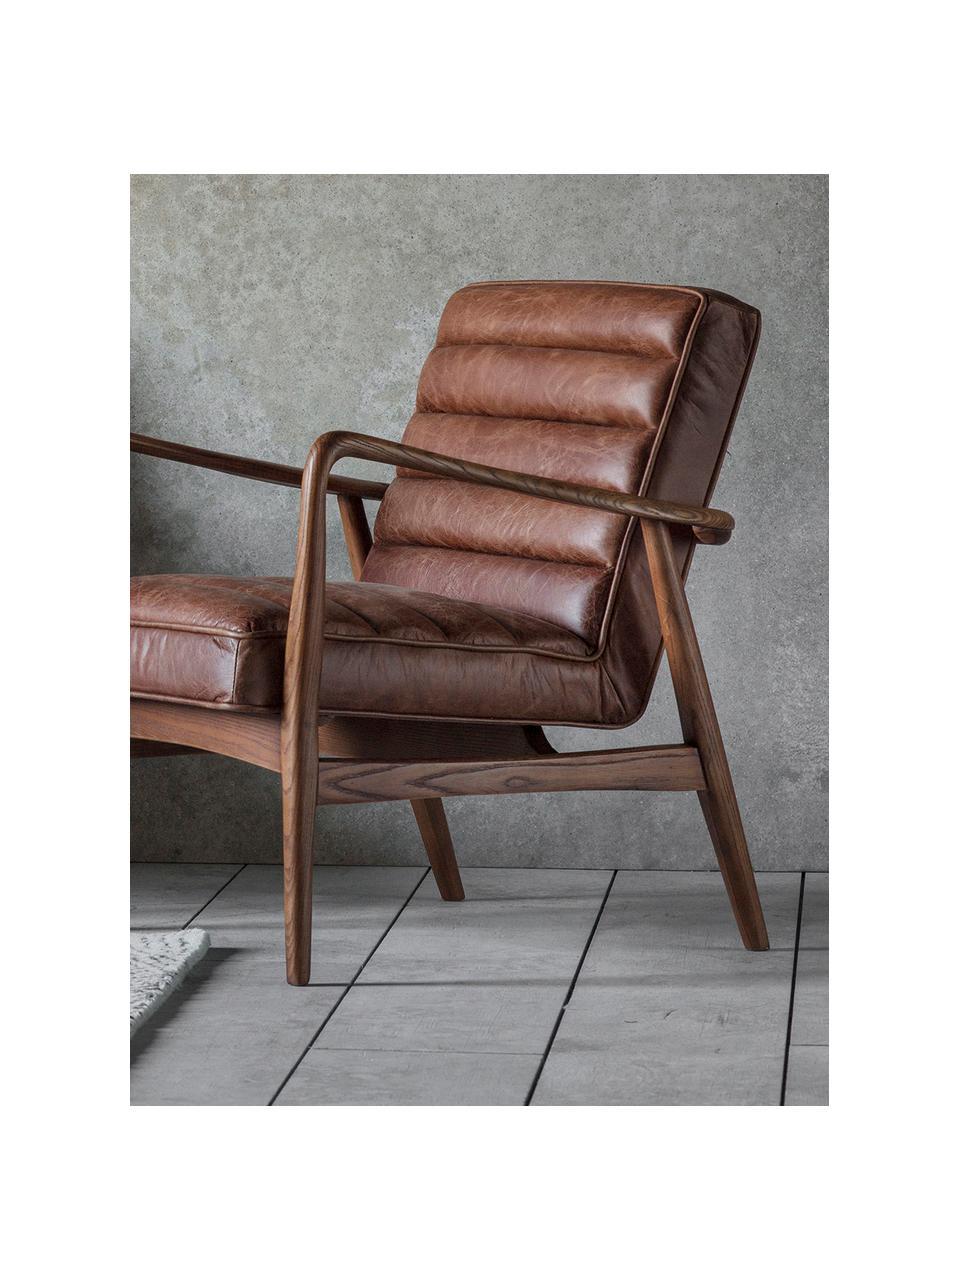 Fotel wypoczynkowy ze skóry Datsun, Tapicerka: skóra licowa, Stelaż: drewno jesionowe, Brązowy, S 70 x G 74 cm